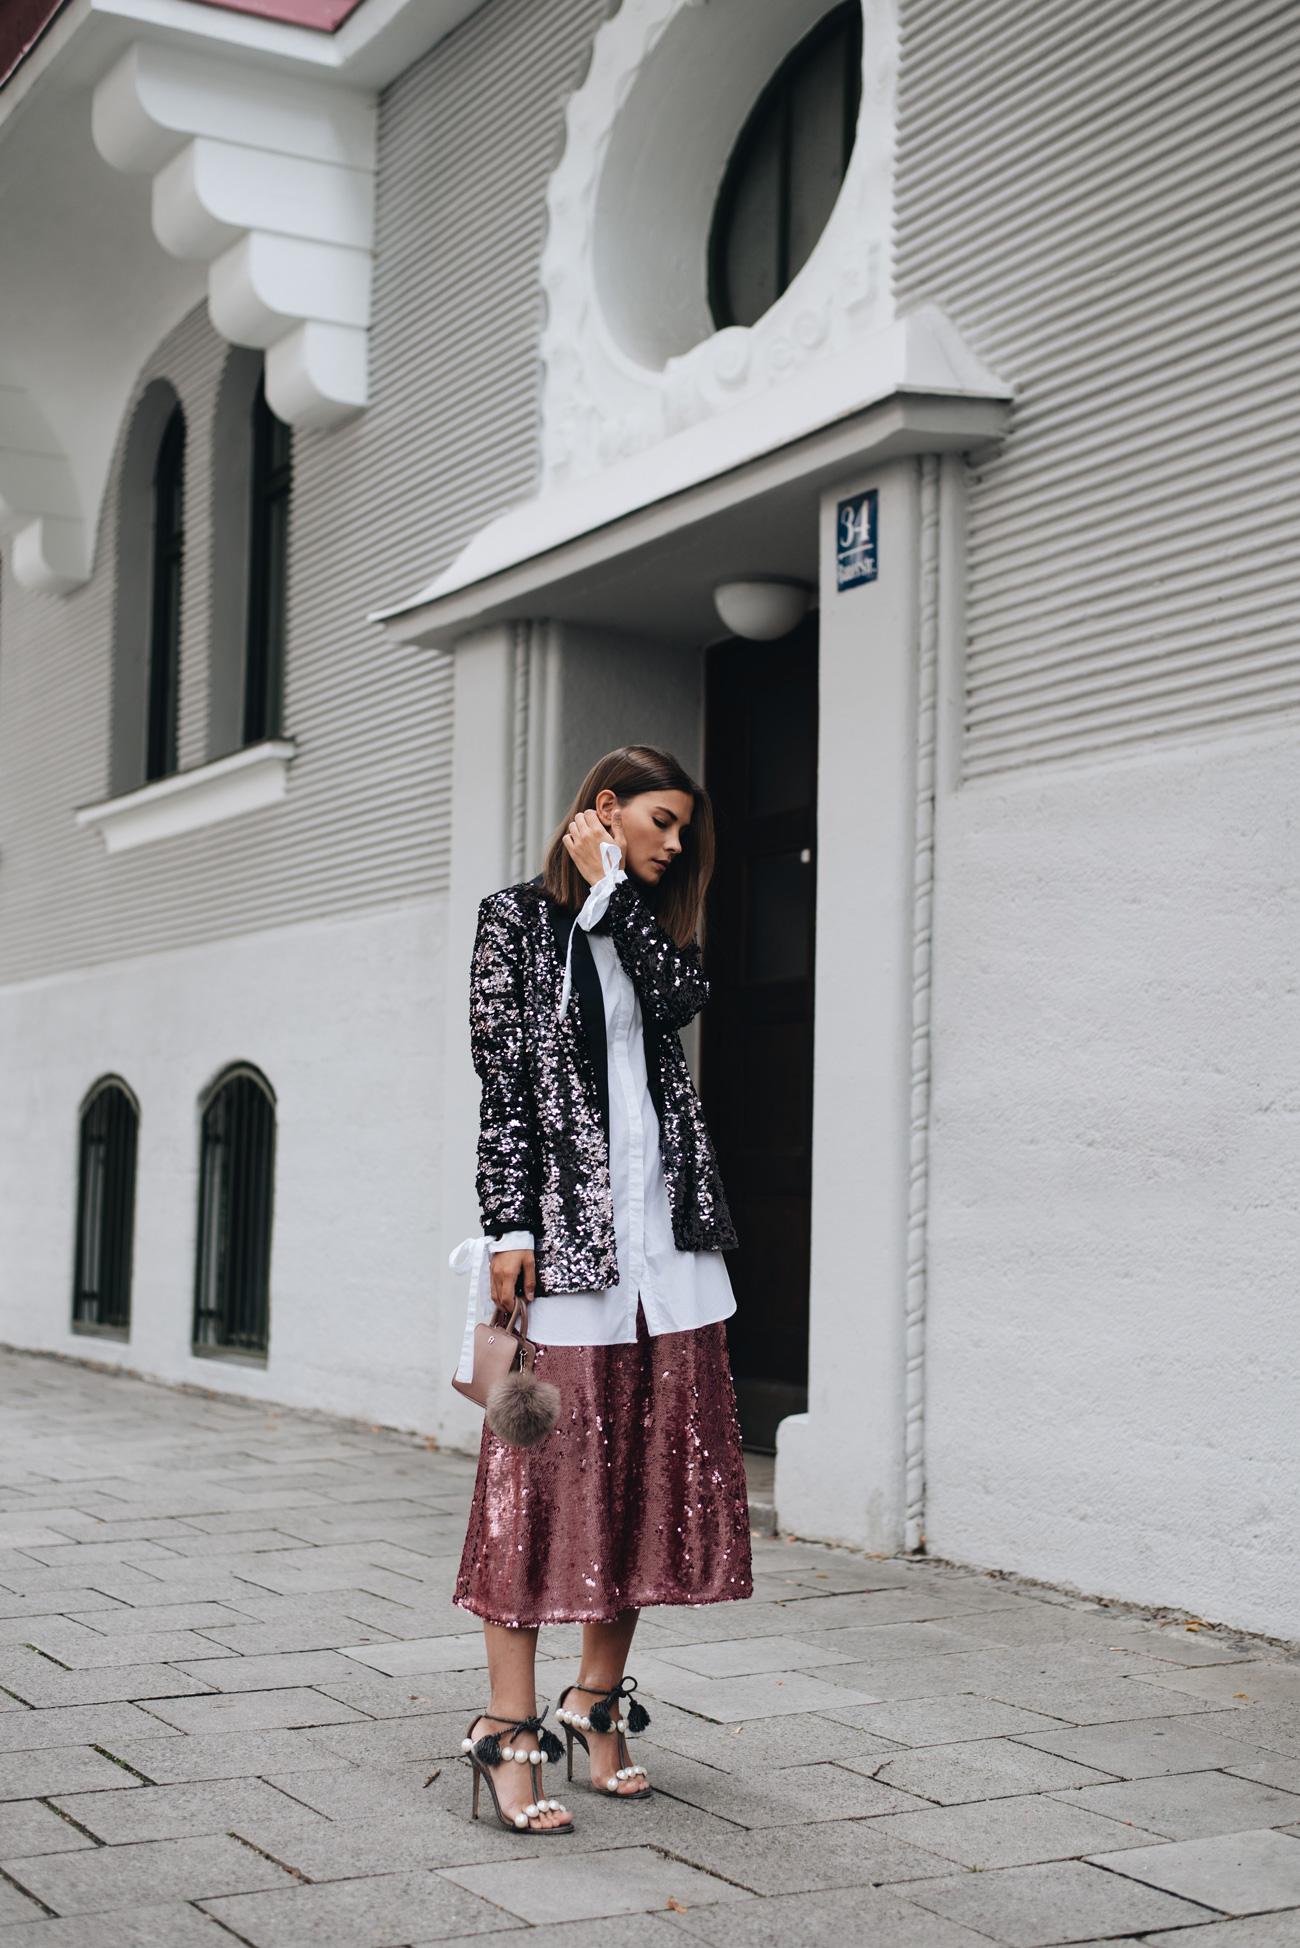 styling-tipps-für-das-tragen-von-pailletten-im-alltag-blazer-und-rock-fashiioncarpet-nina-schwichtenberg